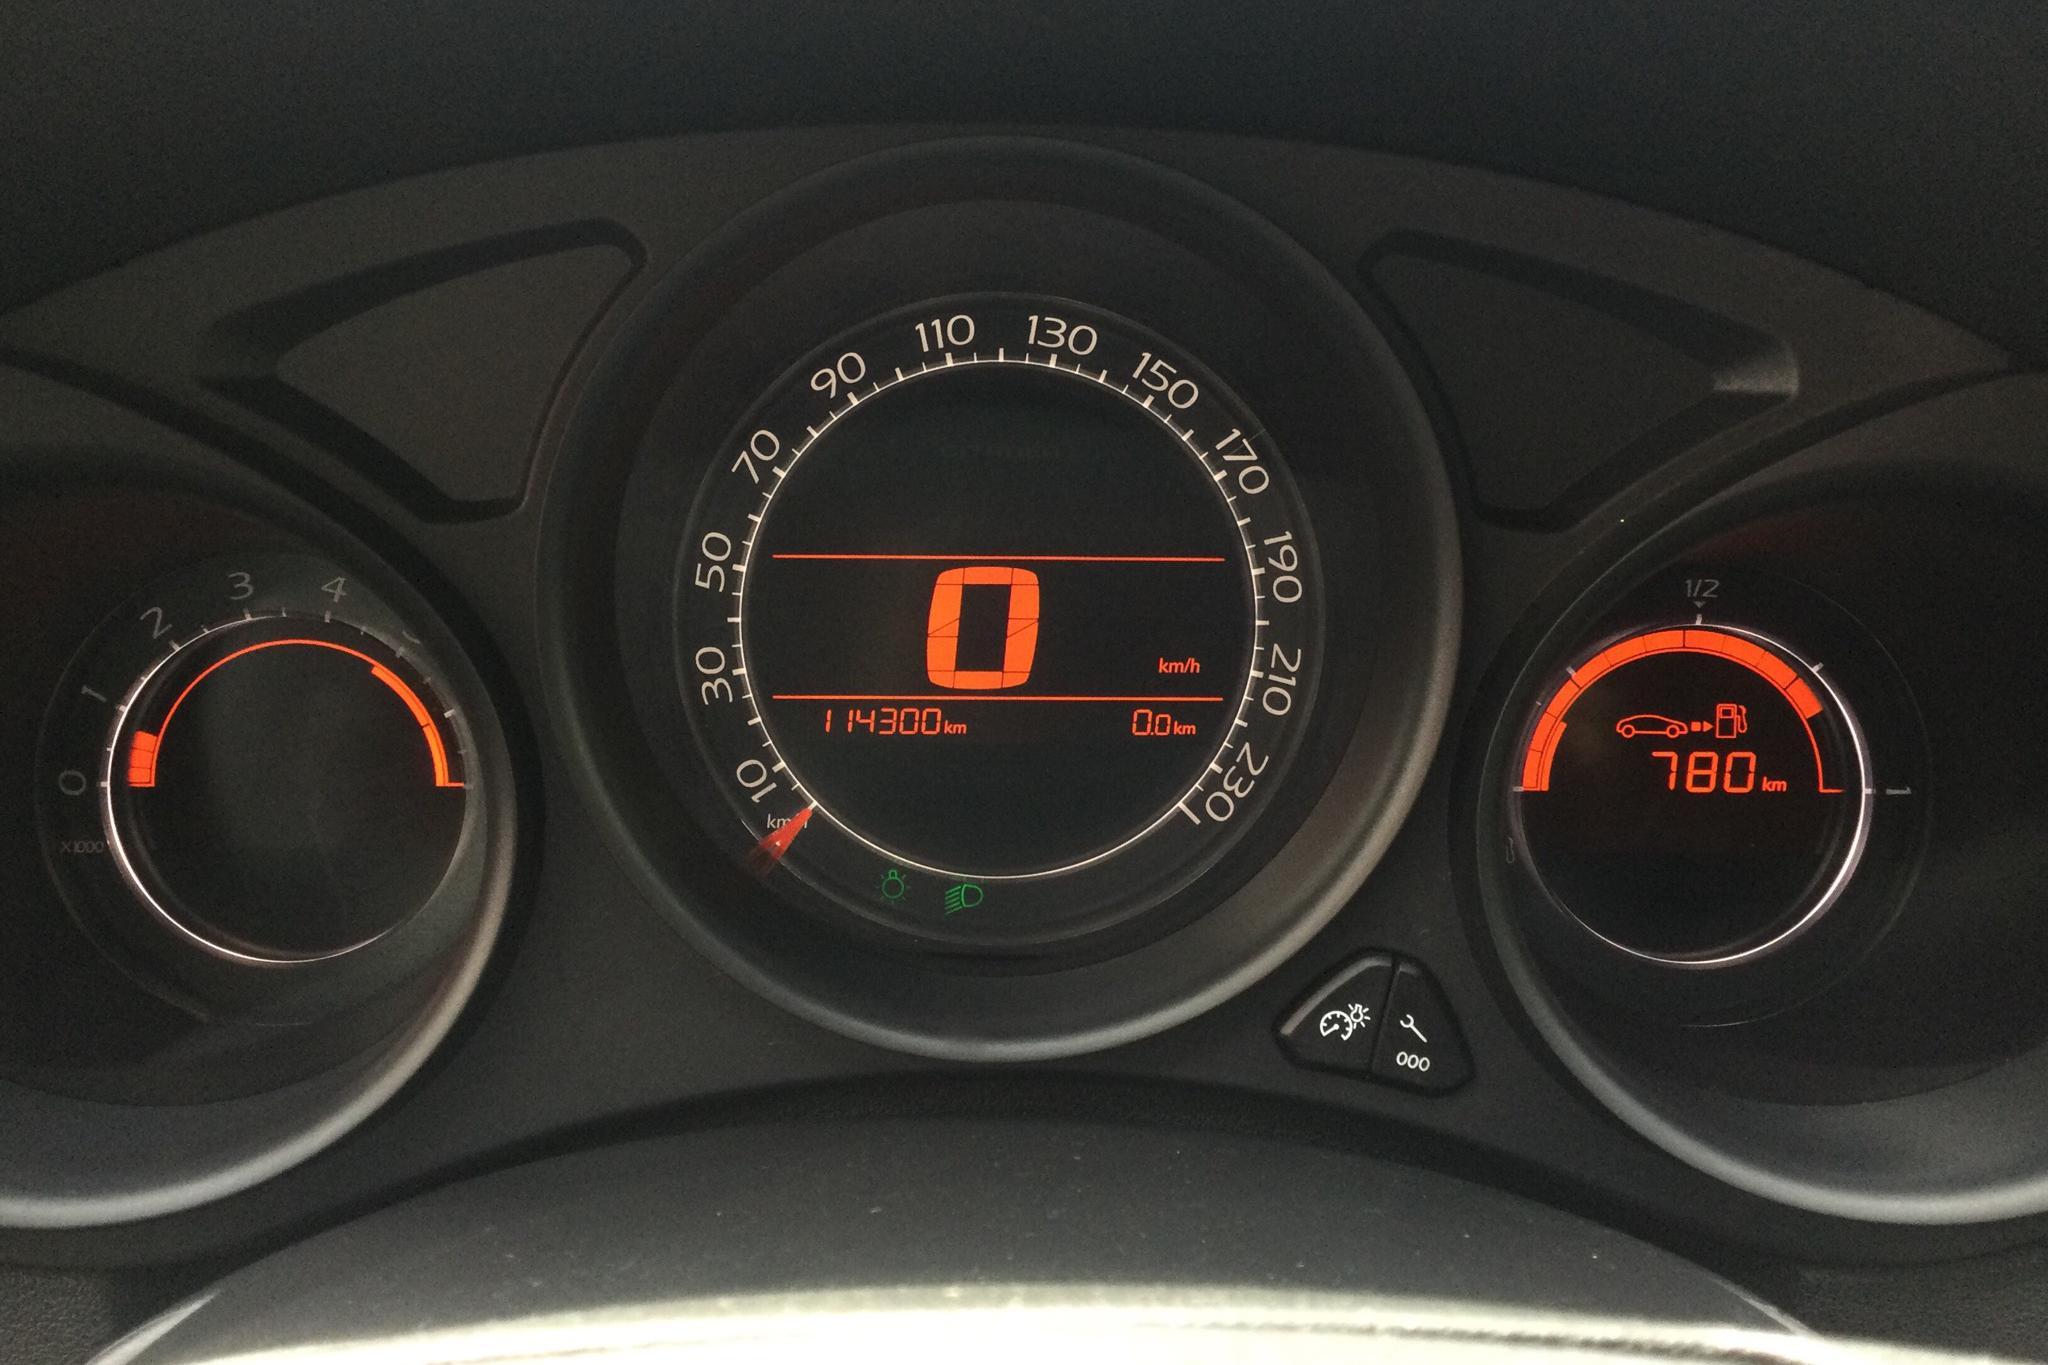 Citroen C4 1.6 HDi (110hk) - 114 300 km - Manual - silver - 2012